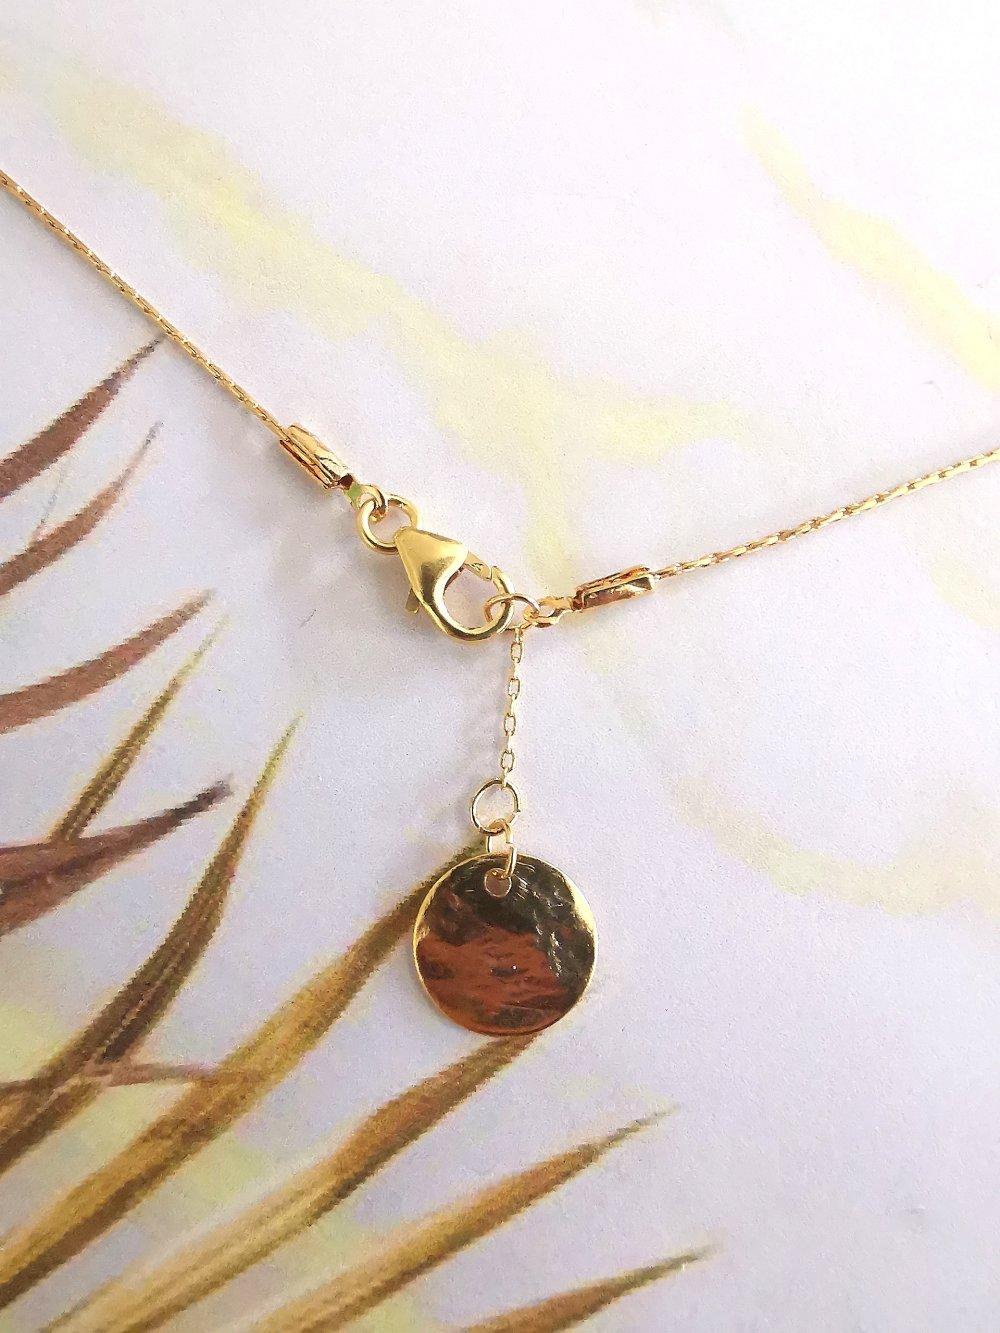 Bracelet double ultra fin minimaliste plaque or gold filled 14k et perles Miyuki noires et dorées